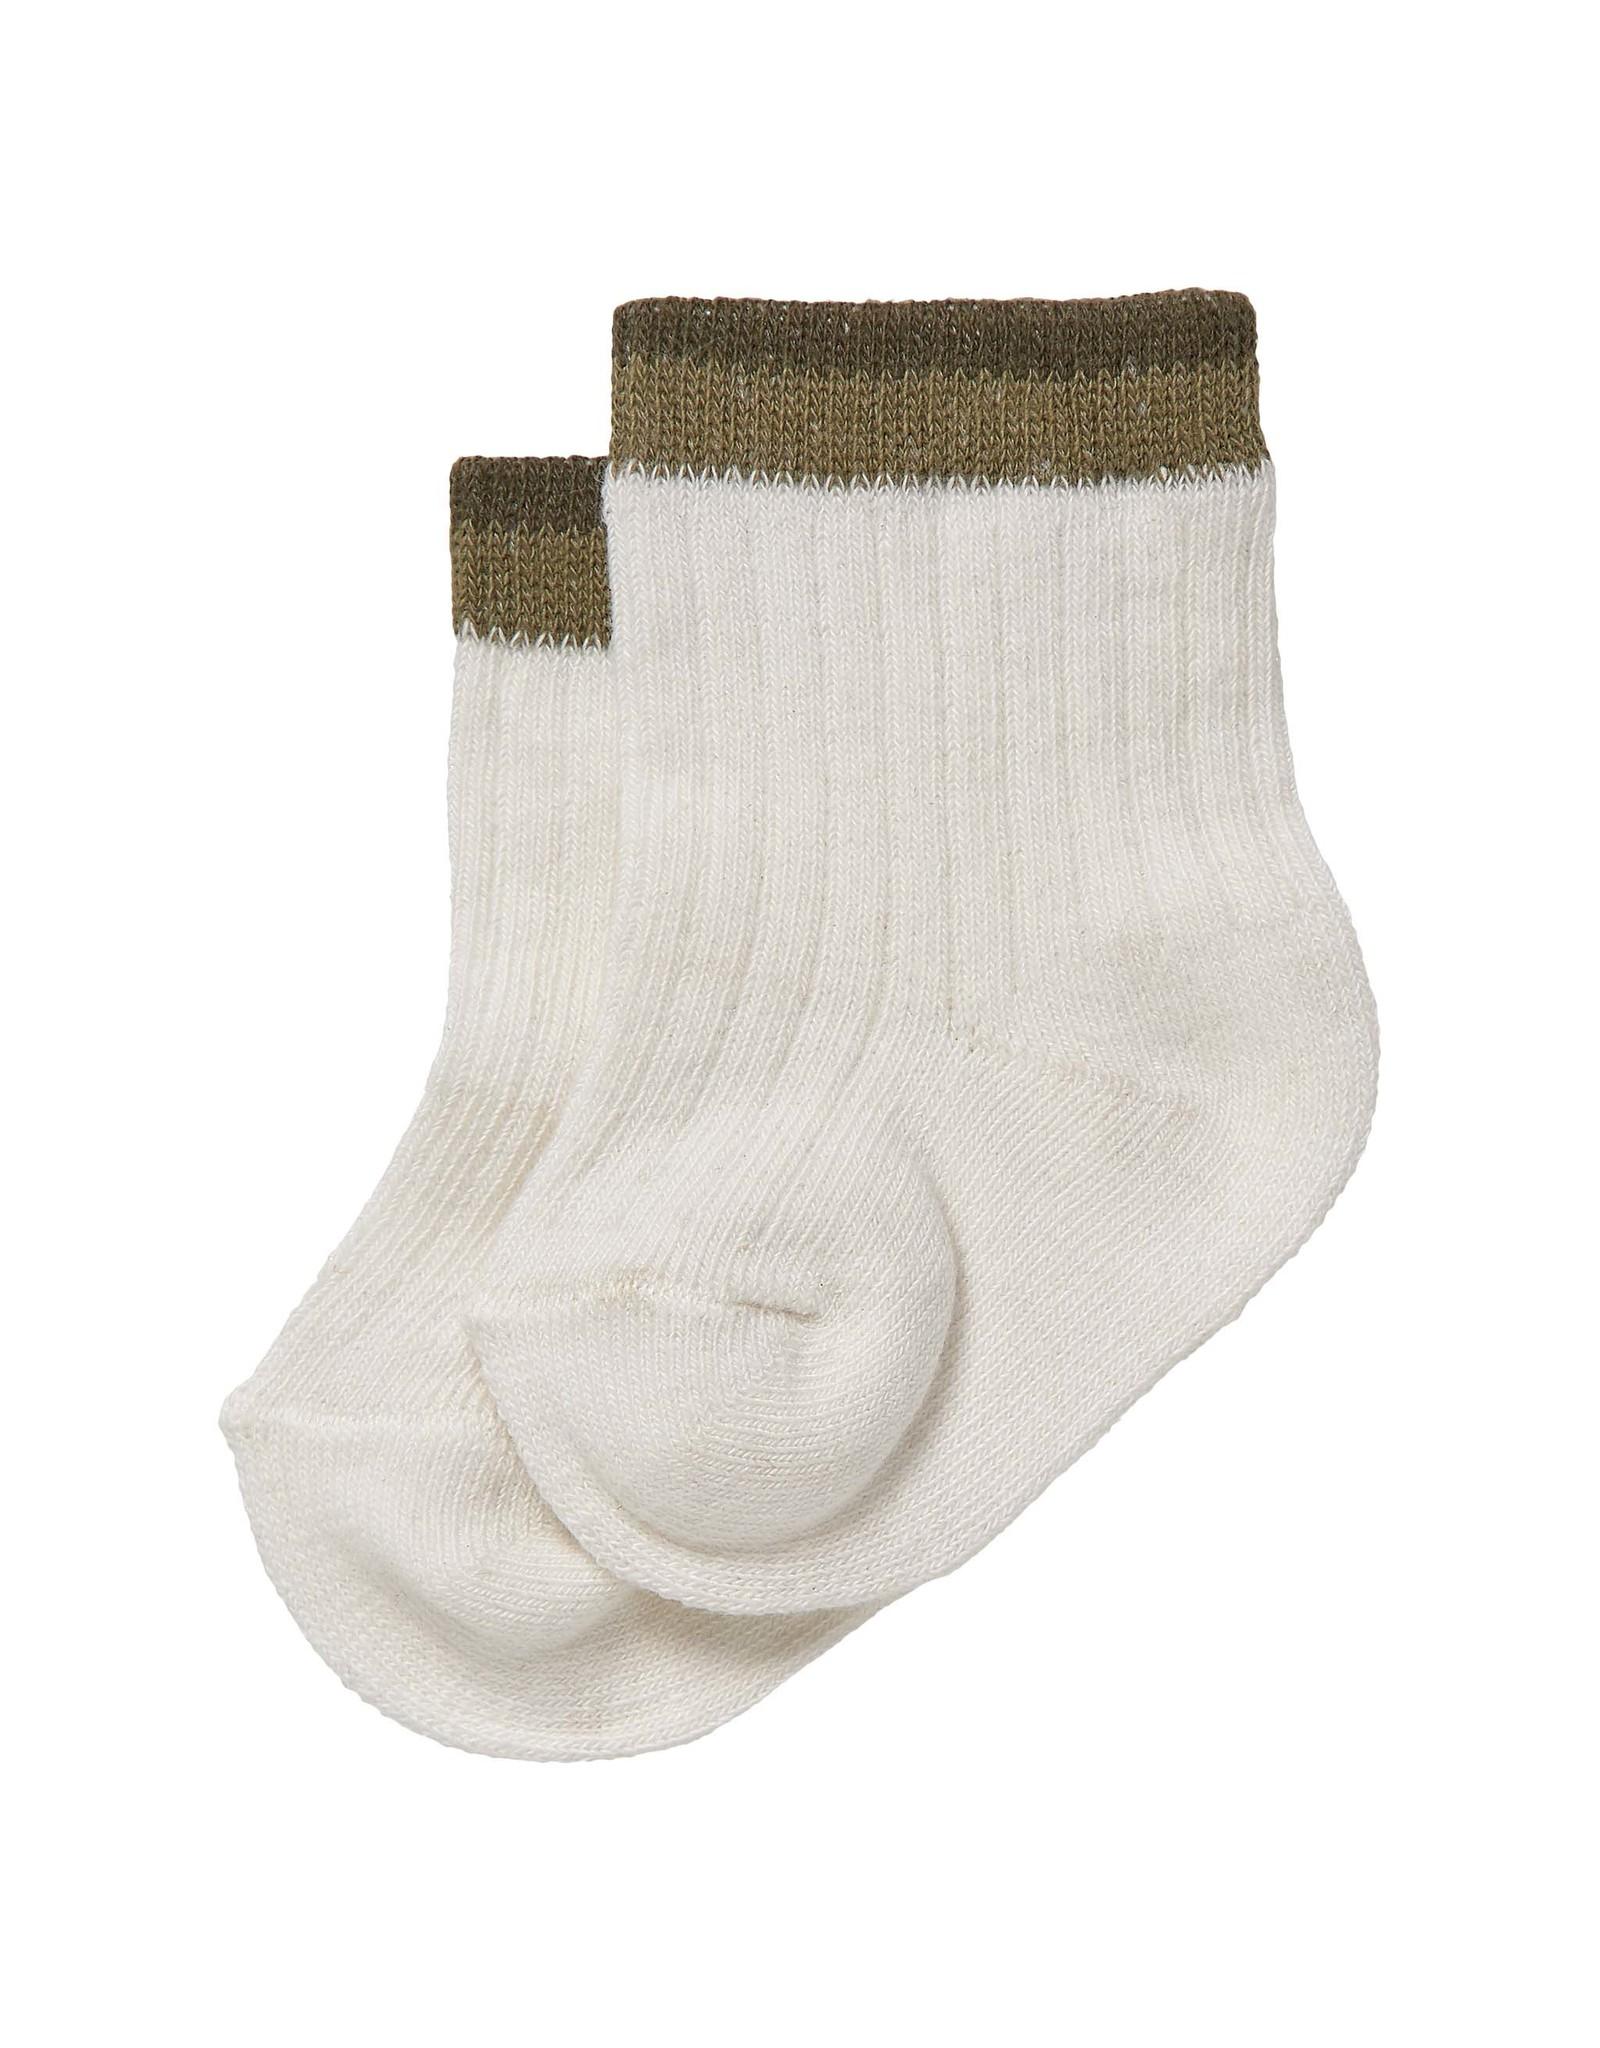 LEVV Levv newborn baby jongens sokken Bram Off White